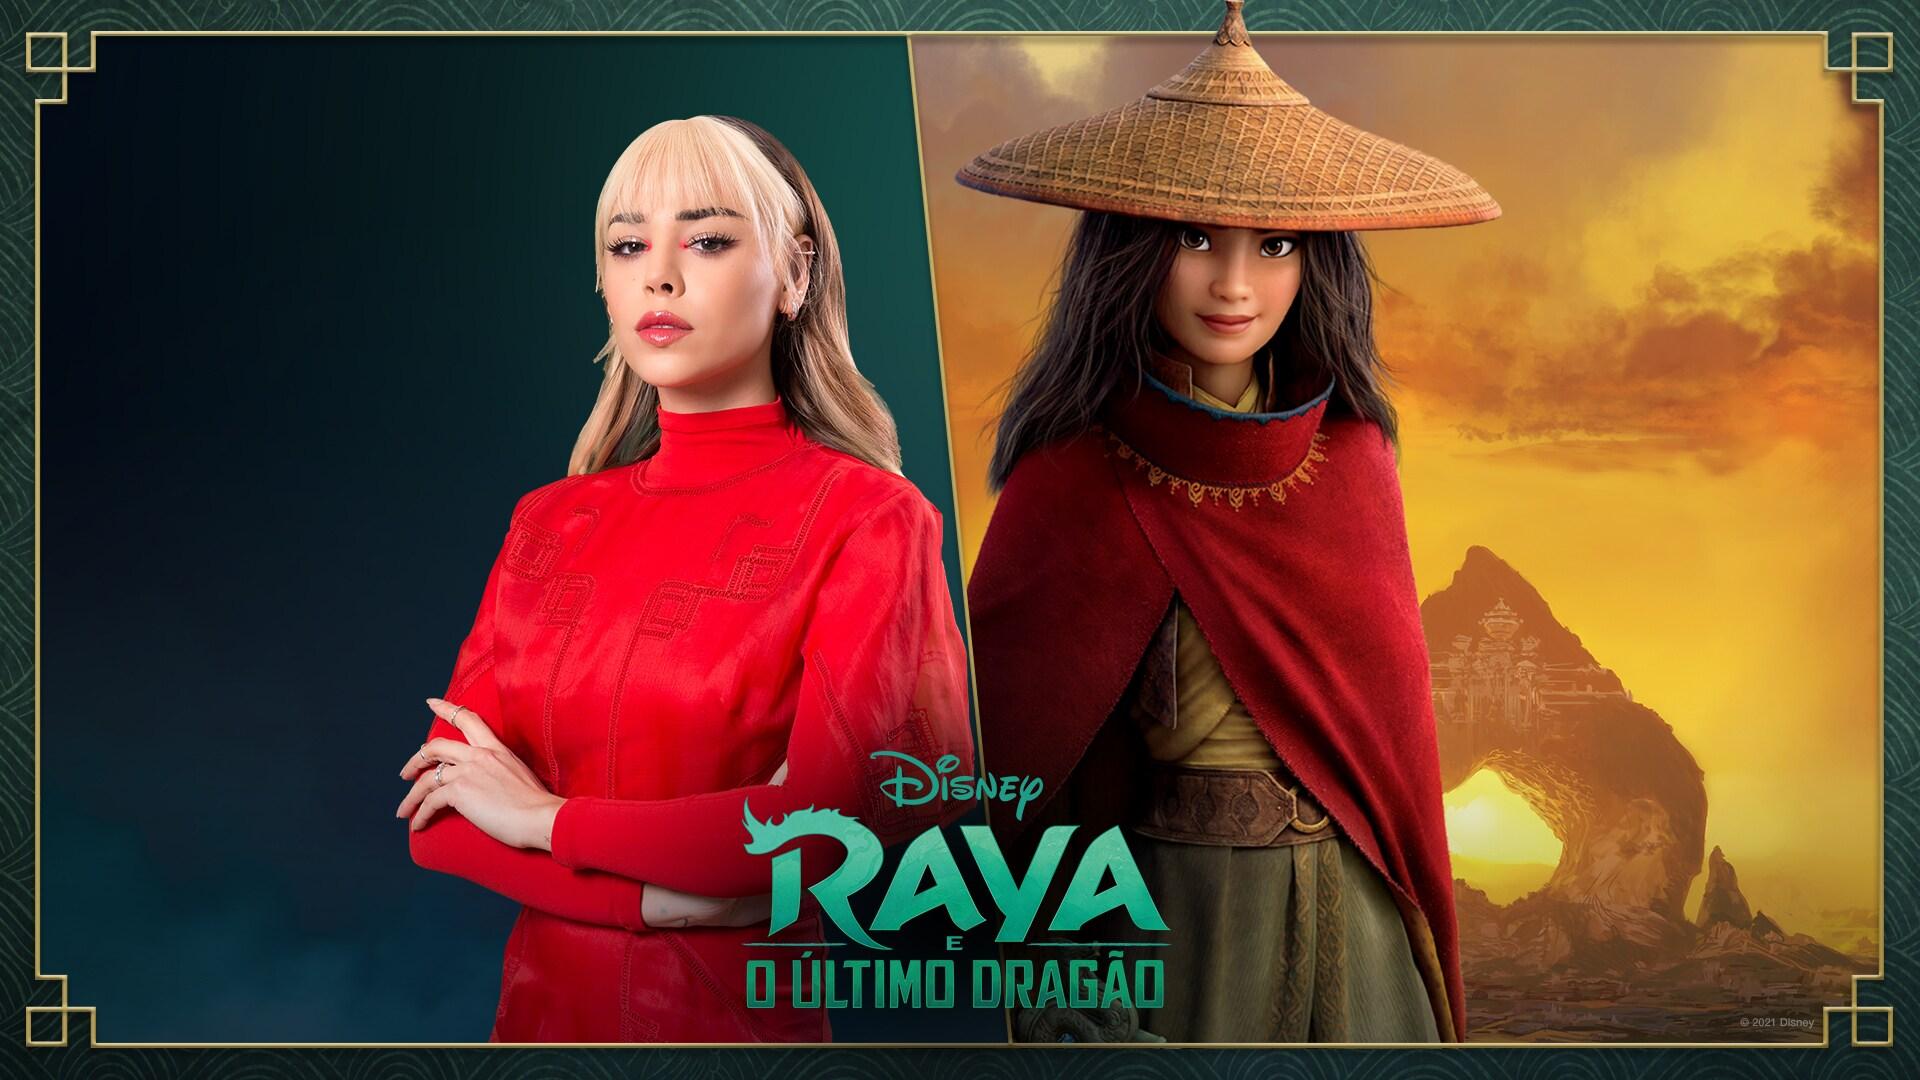 """Danna Paola vai dublar Raya na versão espanhol do filme """"Raya e o Último Dragão"""""""